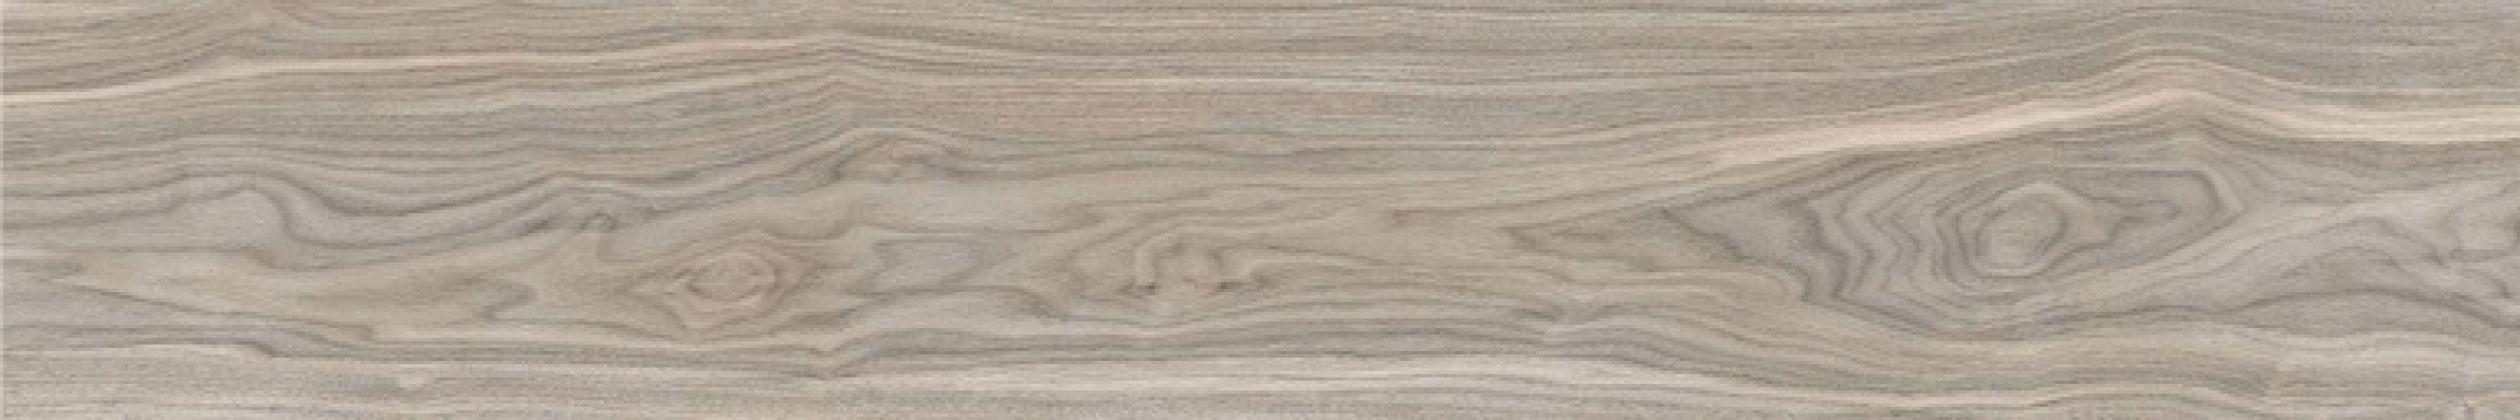 Wood-X Орех Беленый Матовый R10A 7Рек 20x120